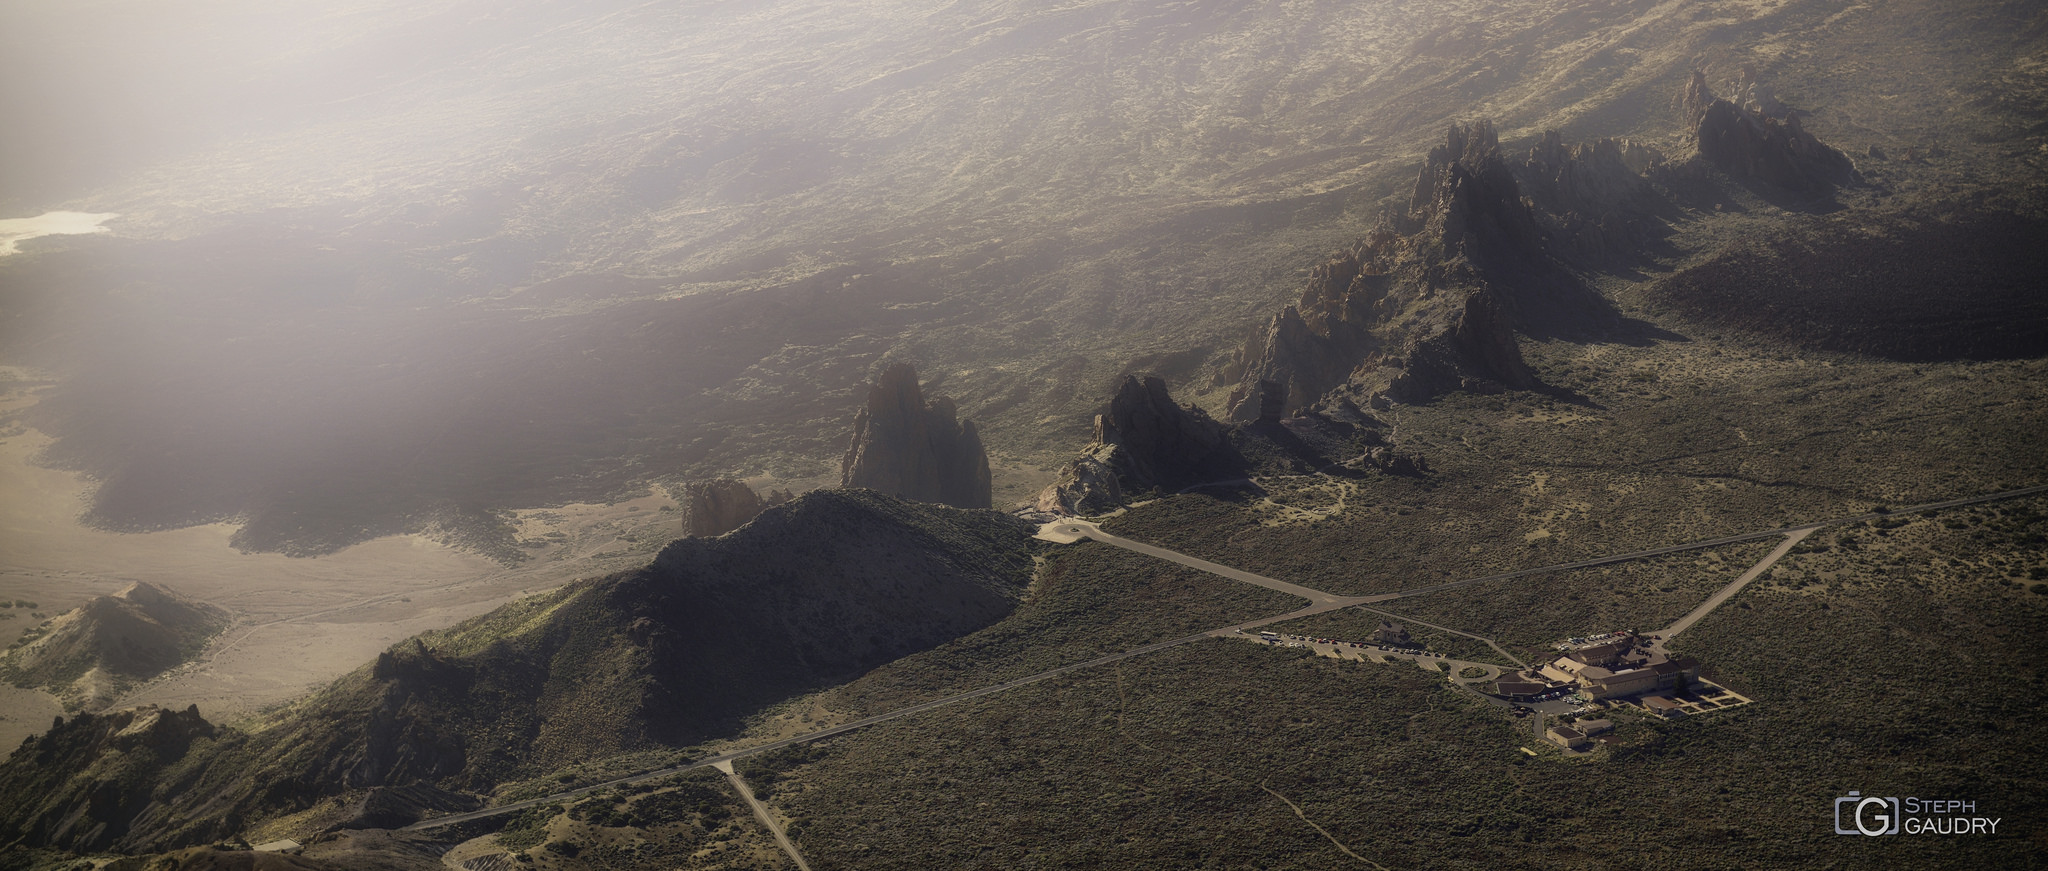 Roques de García desde el Alto de Guajara